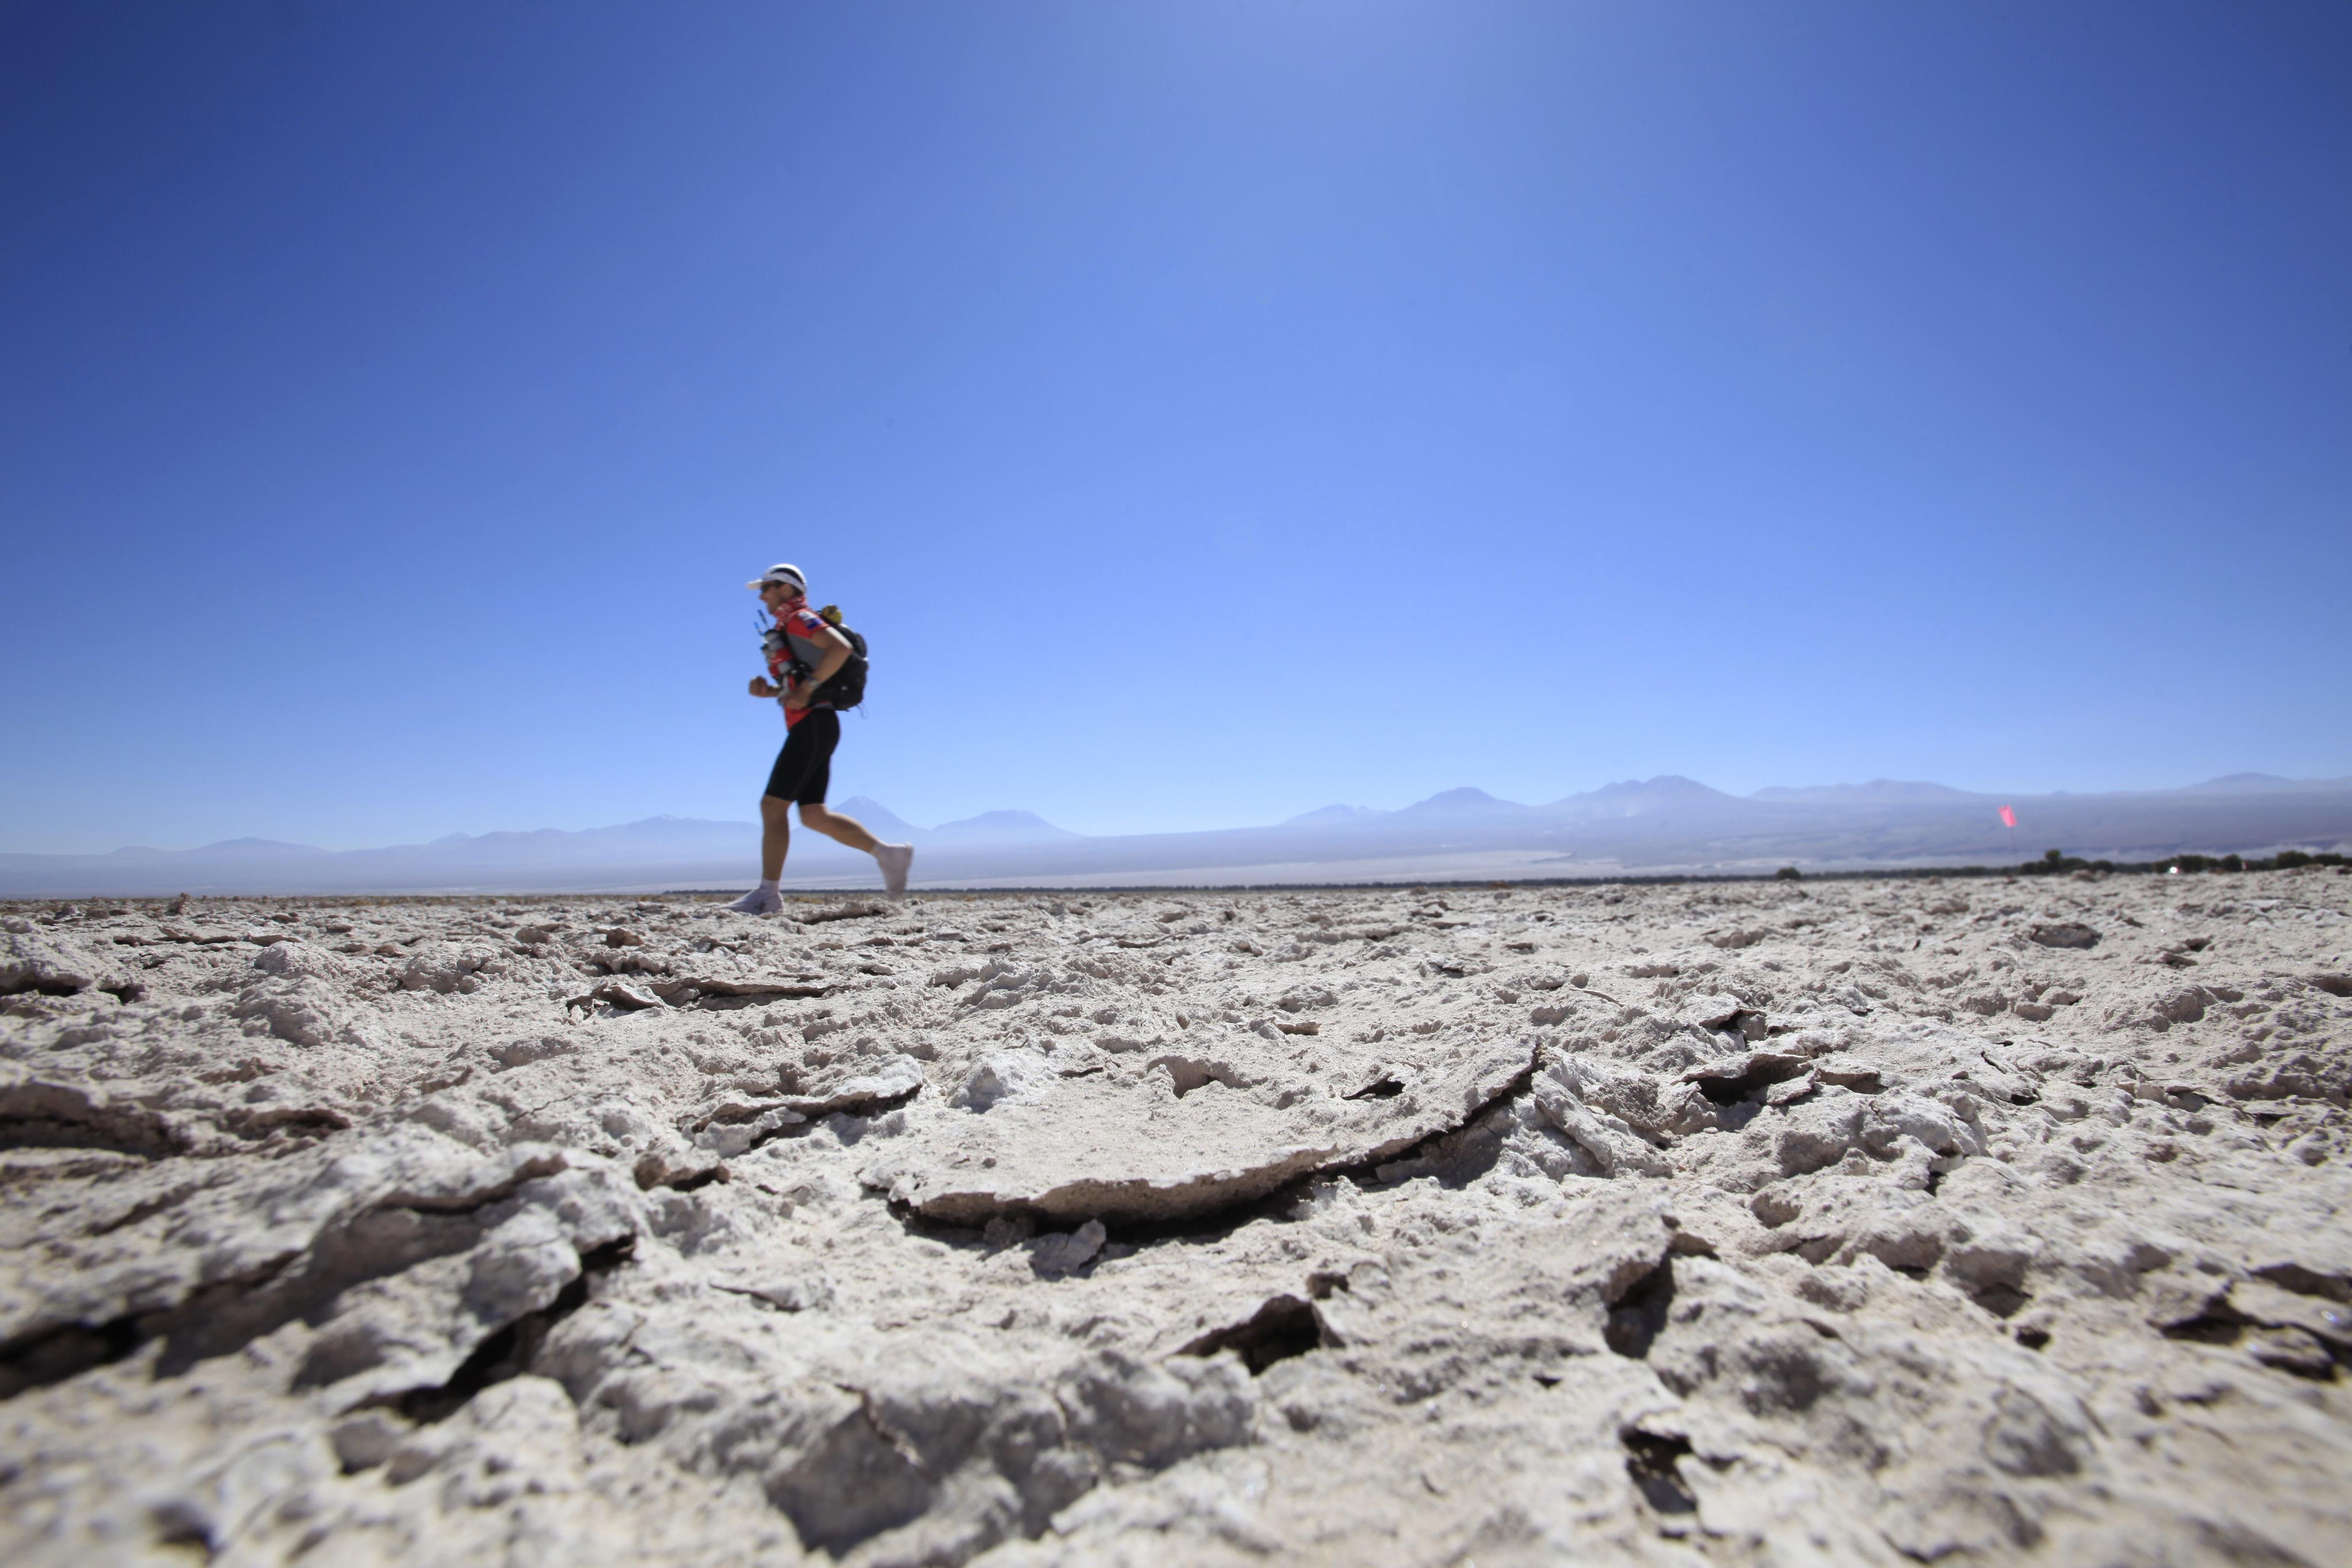 Join Mencap on a desert ultra marathon in 2012